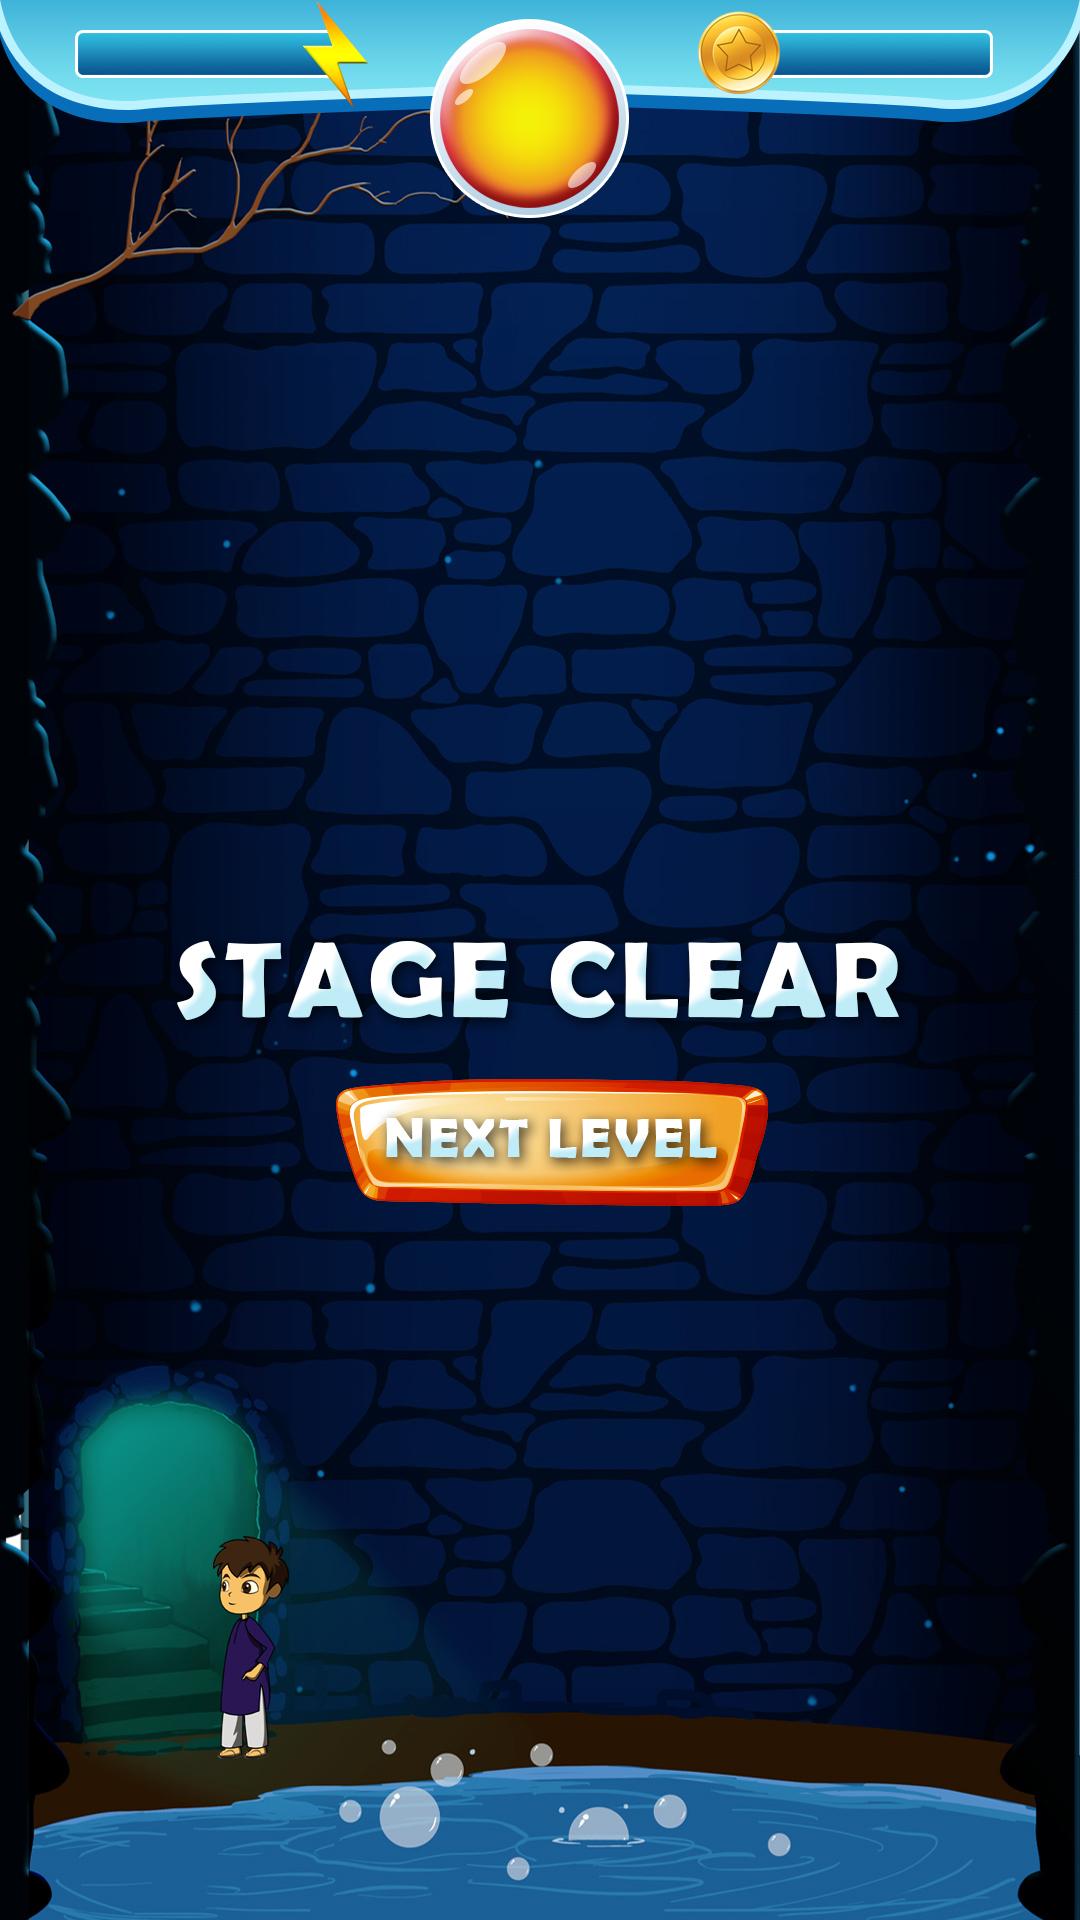 game design  mobile games 2D art ILLUSTRATION  ui design